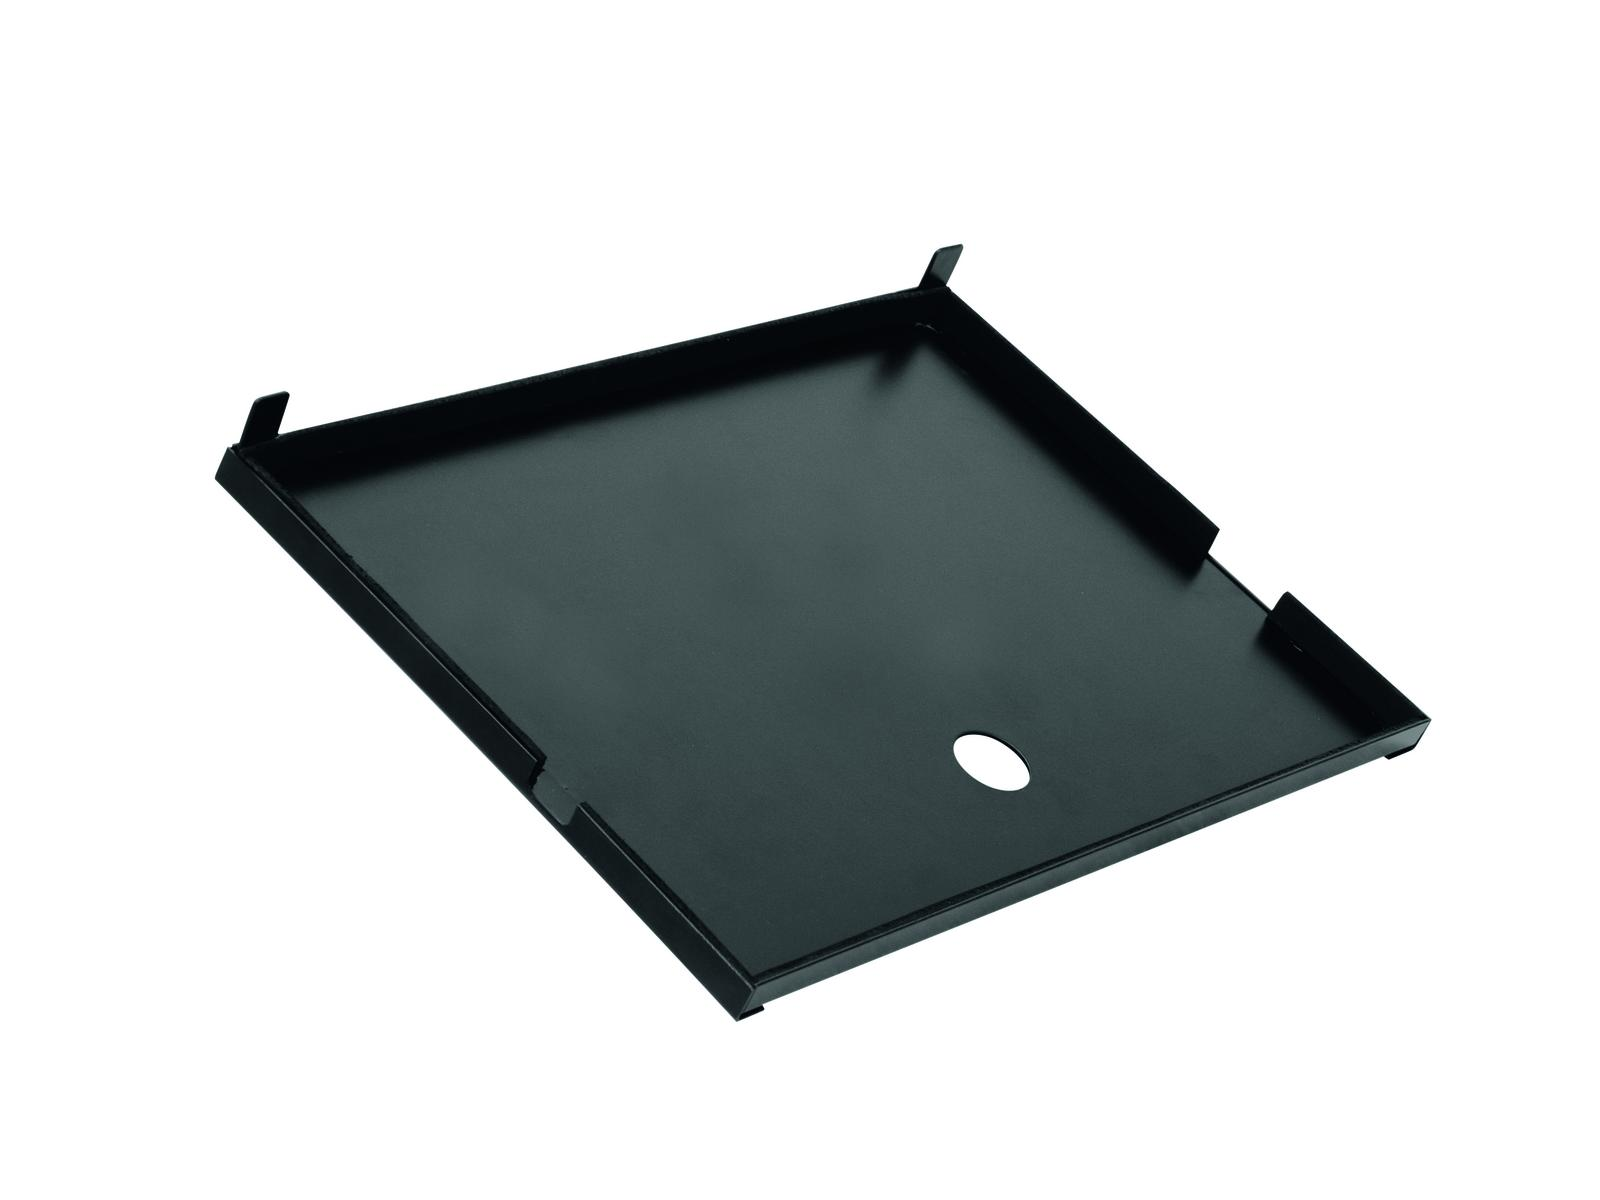 Držák na projektor / laptop, 385 x 272 mm